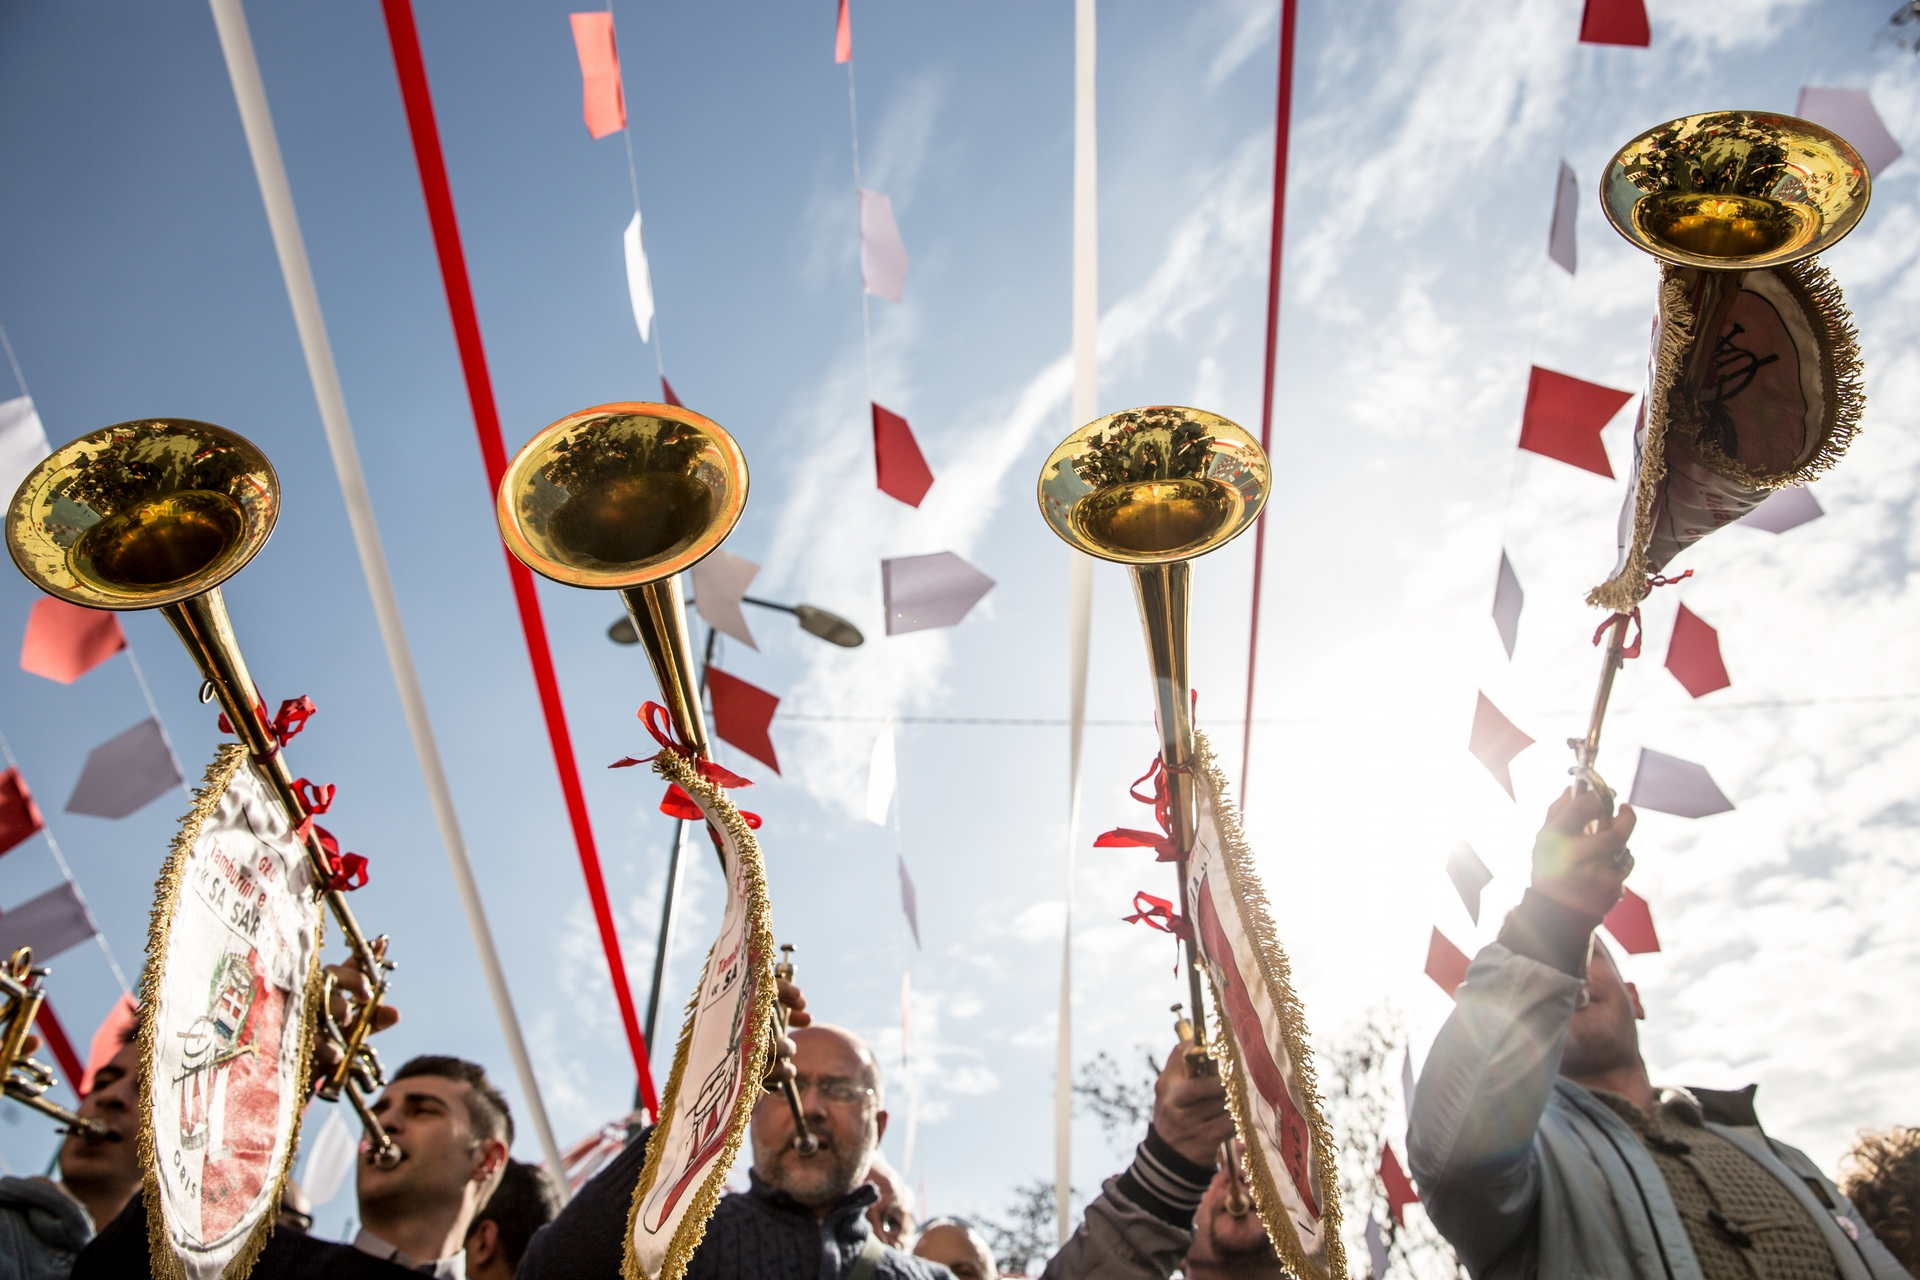 萬歲!我們有「康波里多利」了! - 薩爾提里亞節的每一個儀式都由小號和鼓伴奏。照片中,宏亮的小號聲宣佈工匠公會已抵達「蘇康波里多利」當選人的家中。他們會用由天主堂在聖燭節(Candlemas)清早祝福過的蠟燭來進行一場「授權」儀式。在聖燭節當晚,公會也會與「蘇康波里多利」共同舉辦一場對外開放的盛大派對。  PHOTOGRAPH BY MICHELE ARDU